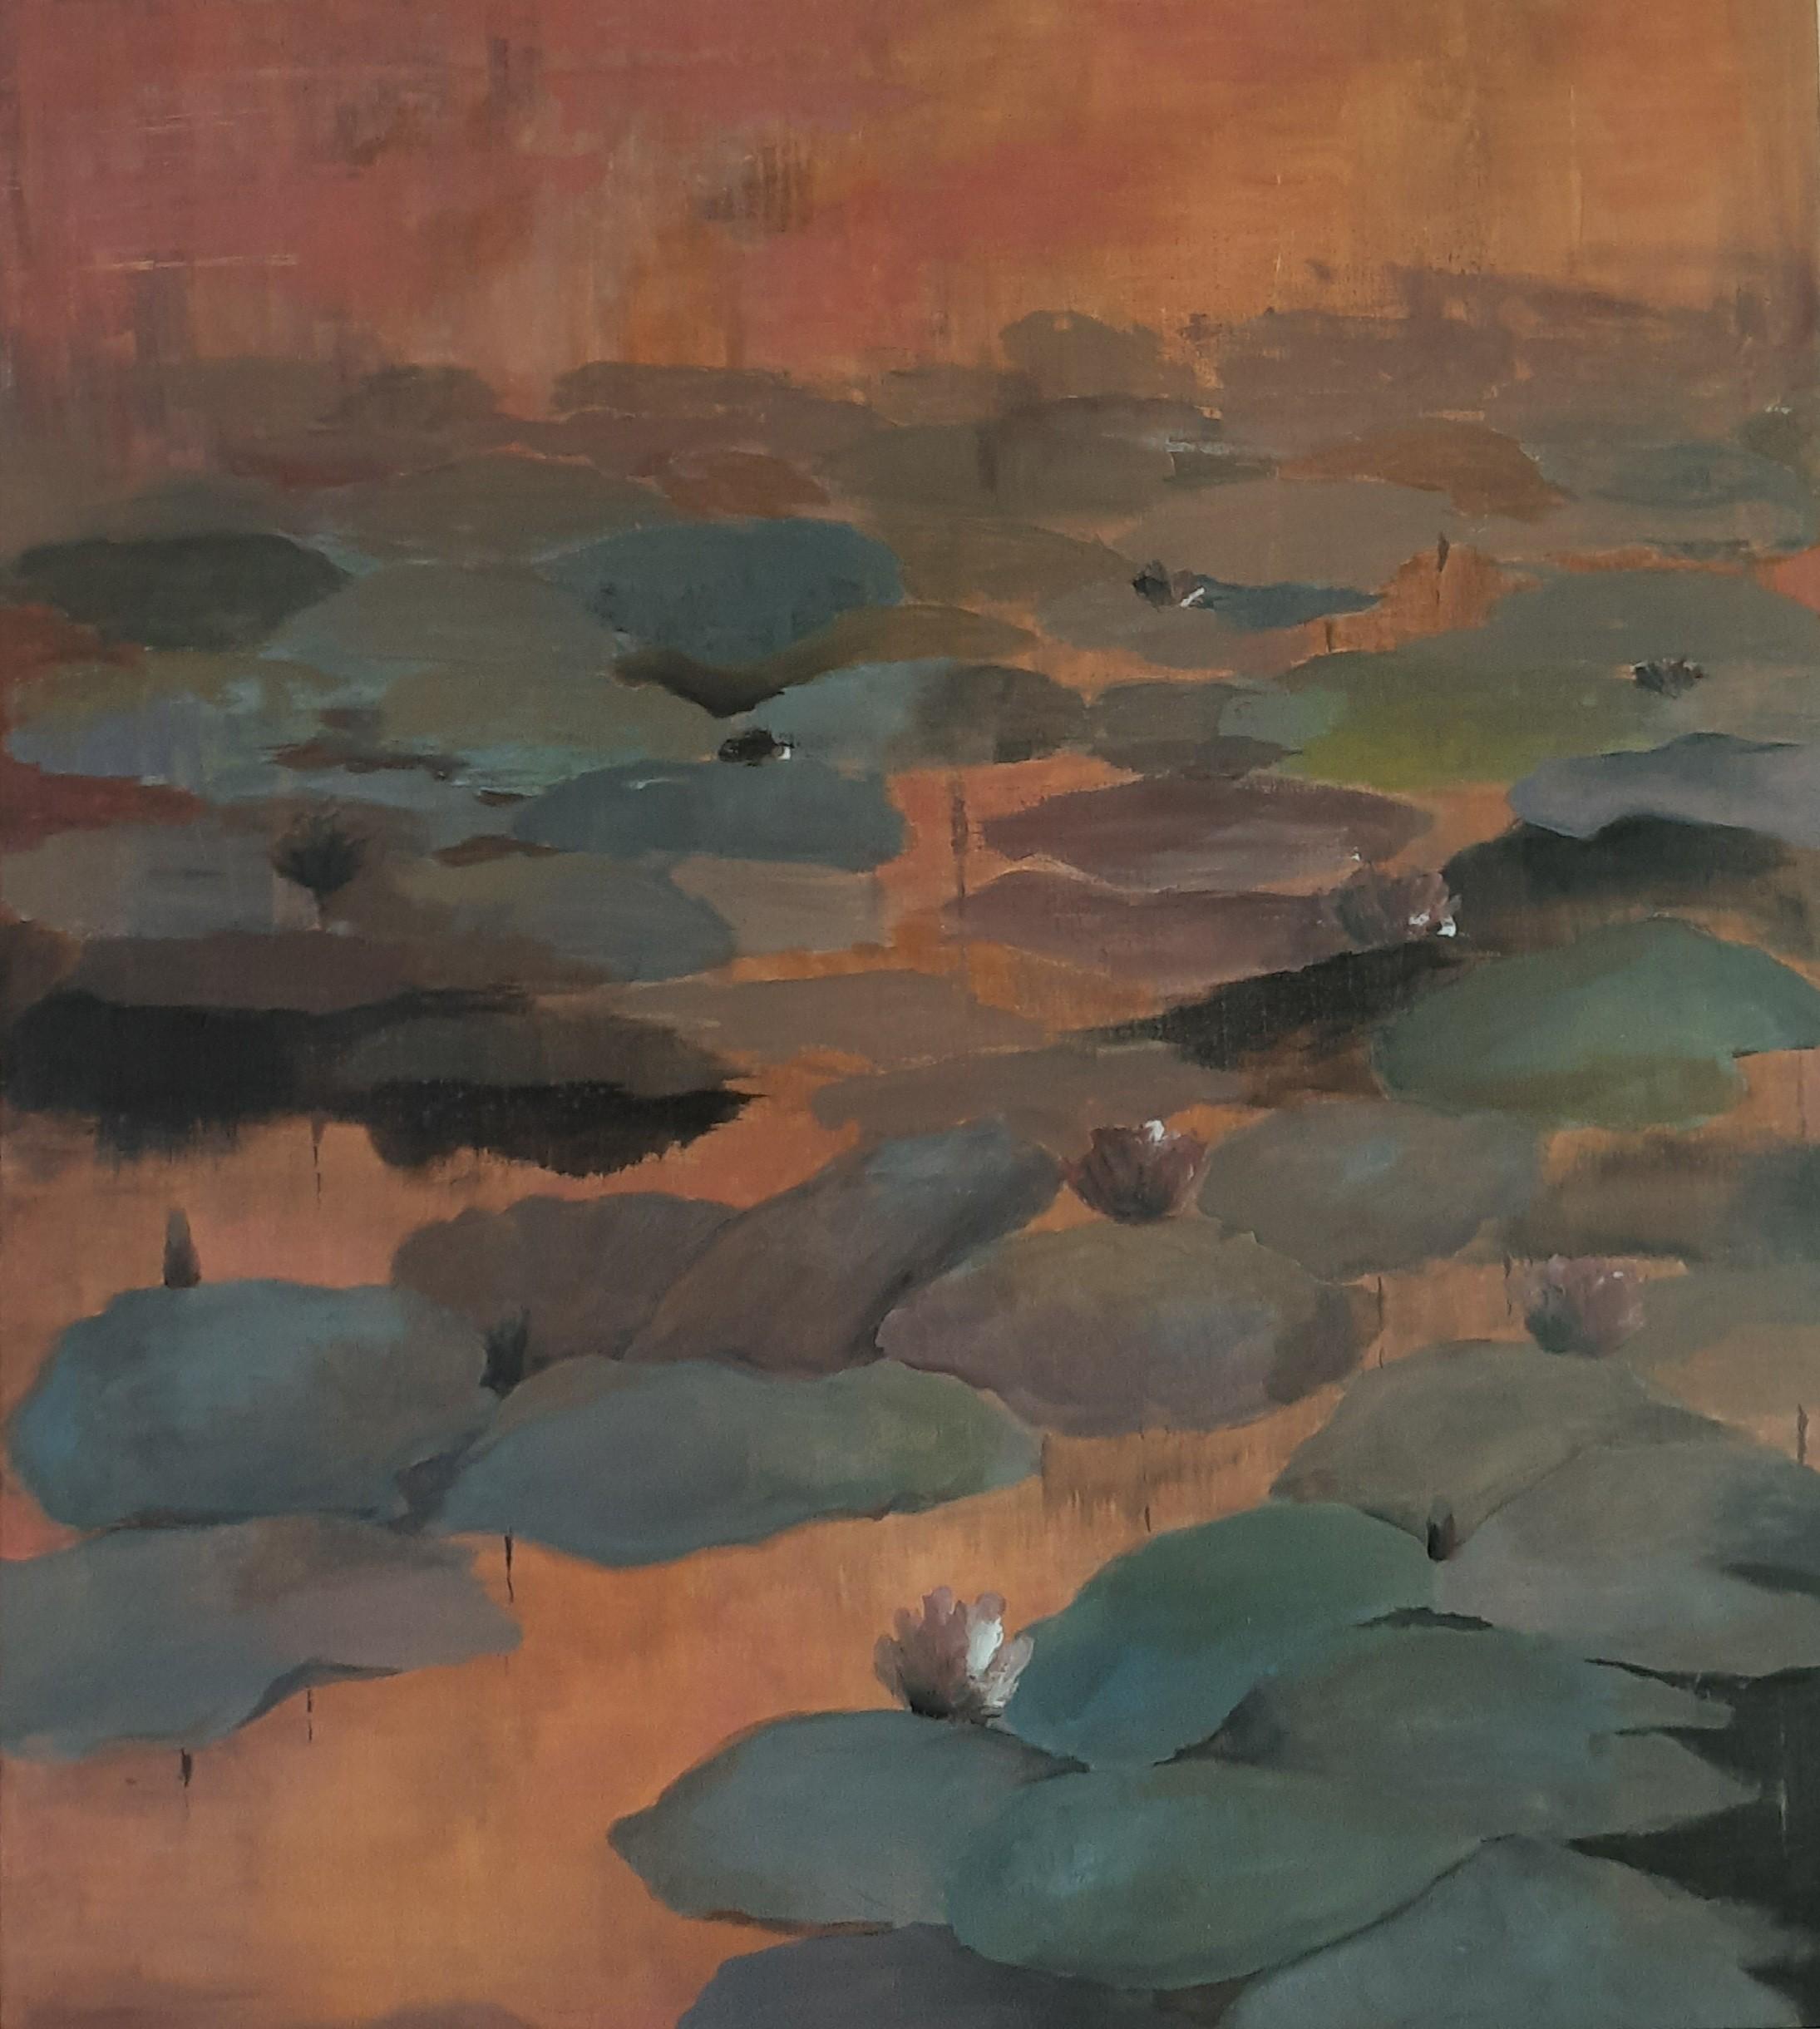 Water lilies in dusky waters by Jean wijesekera